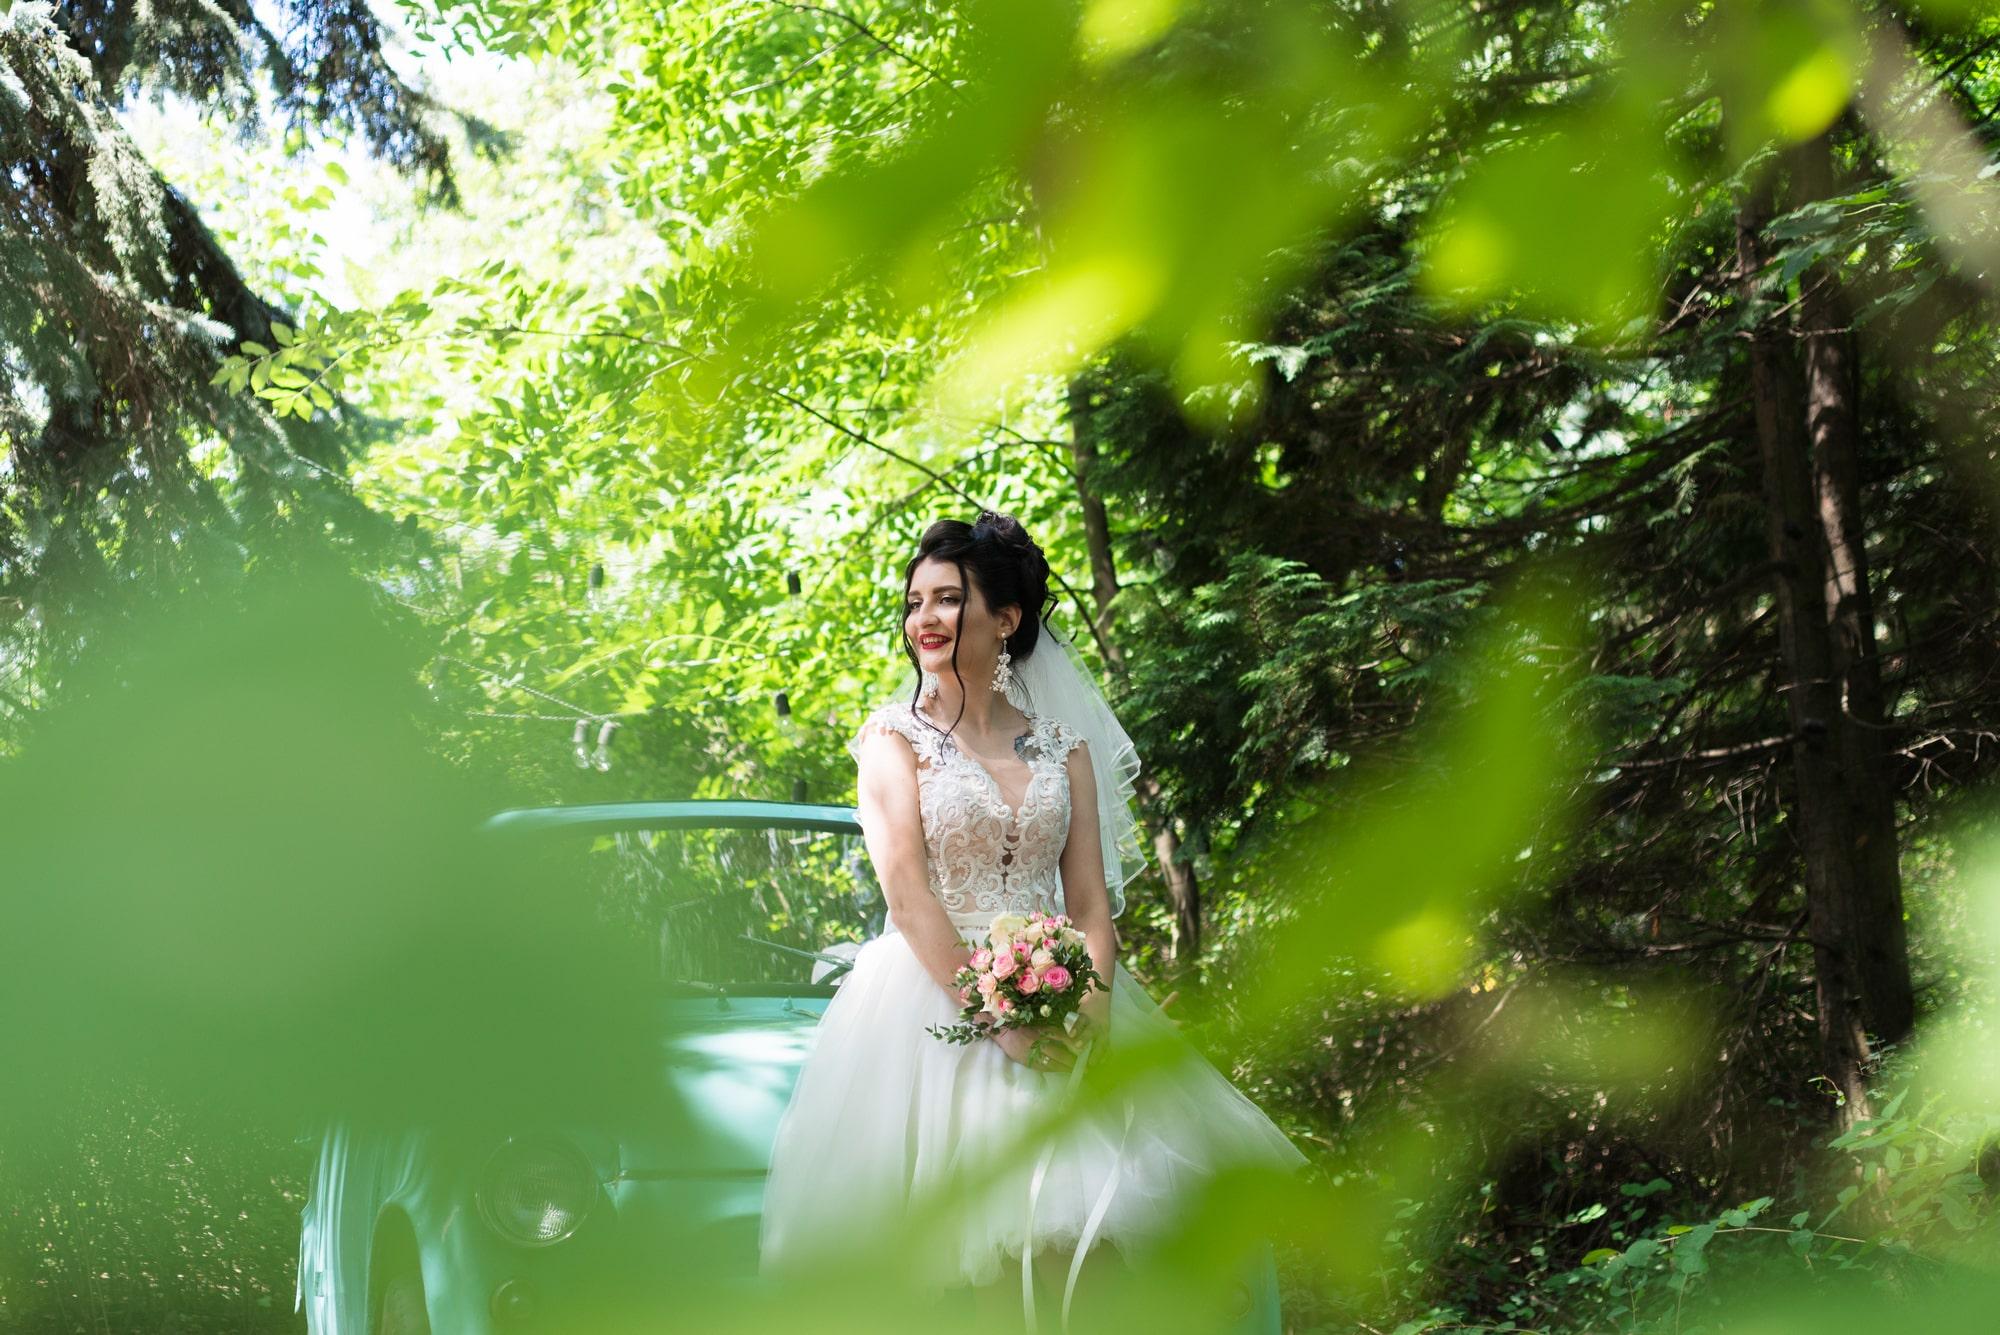 Свадебная фотосессия в студии Play - невеста в зелени кустов